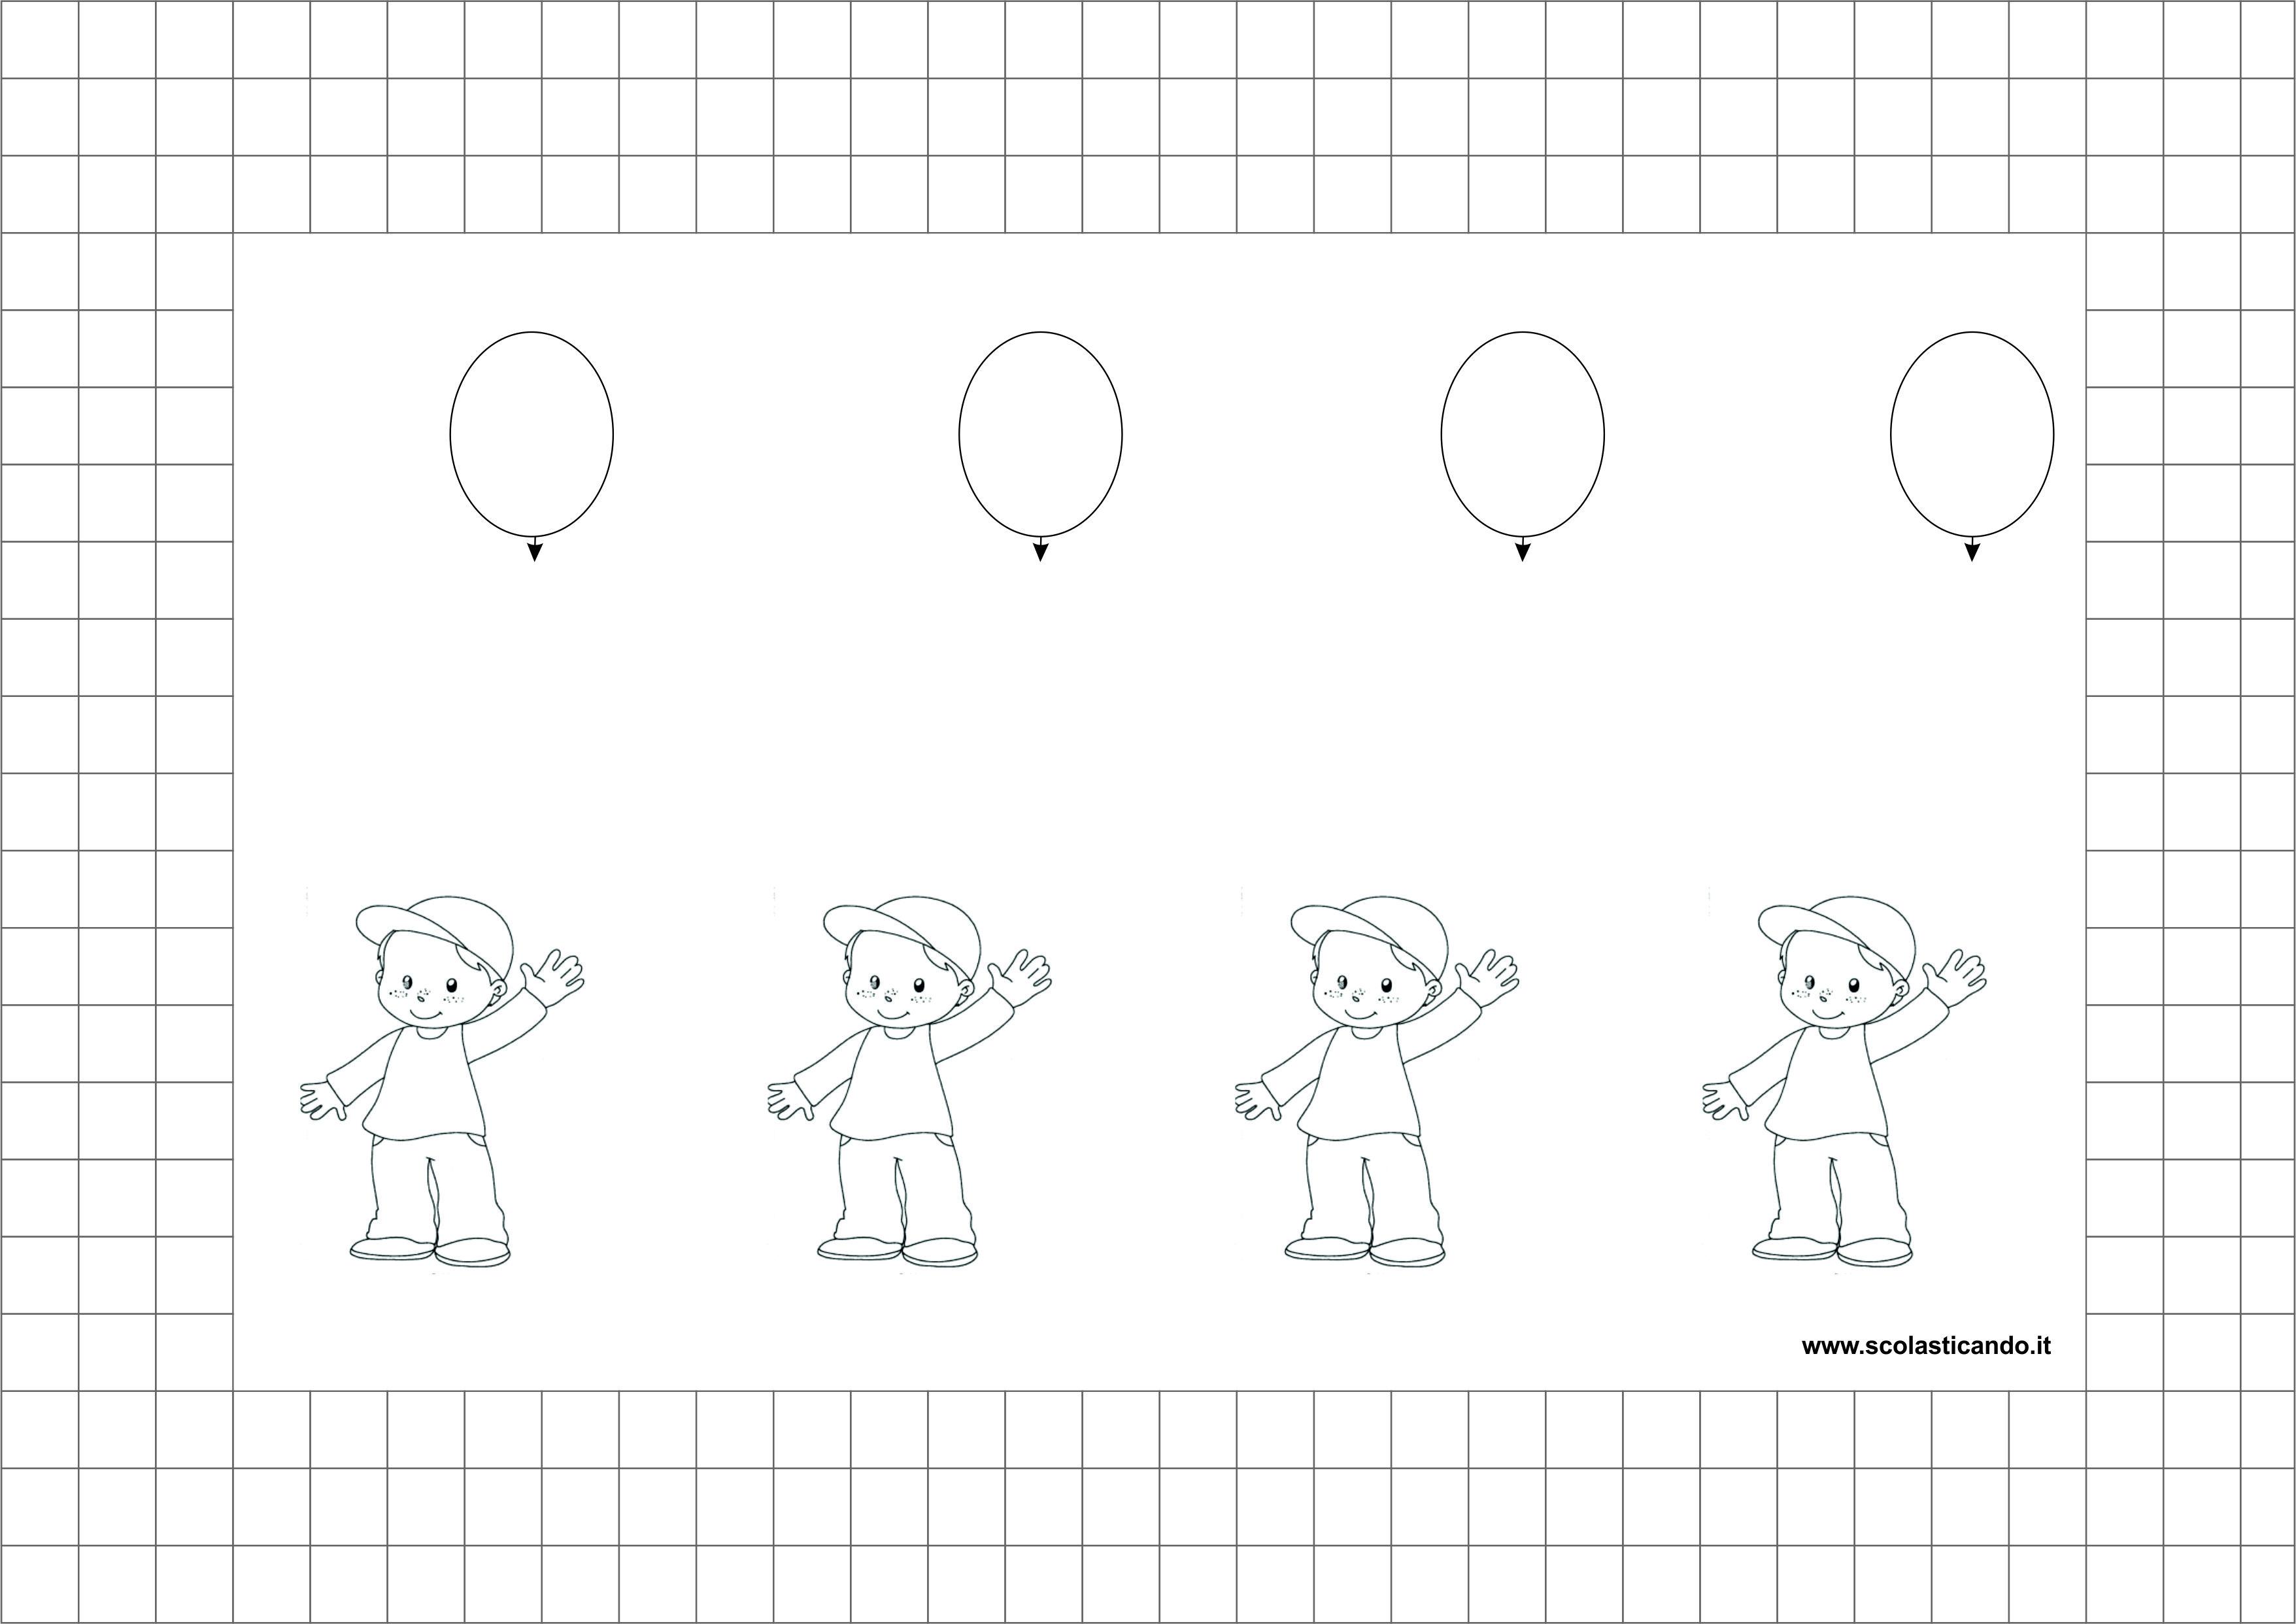 Eccezionale Frostig: esercizi di coordinazione visuomotoria, schede 19 – 23  QK67